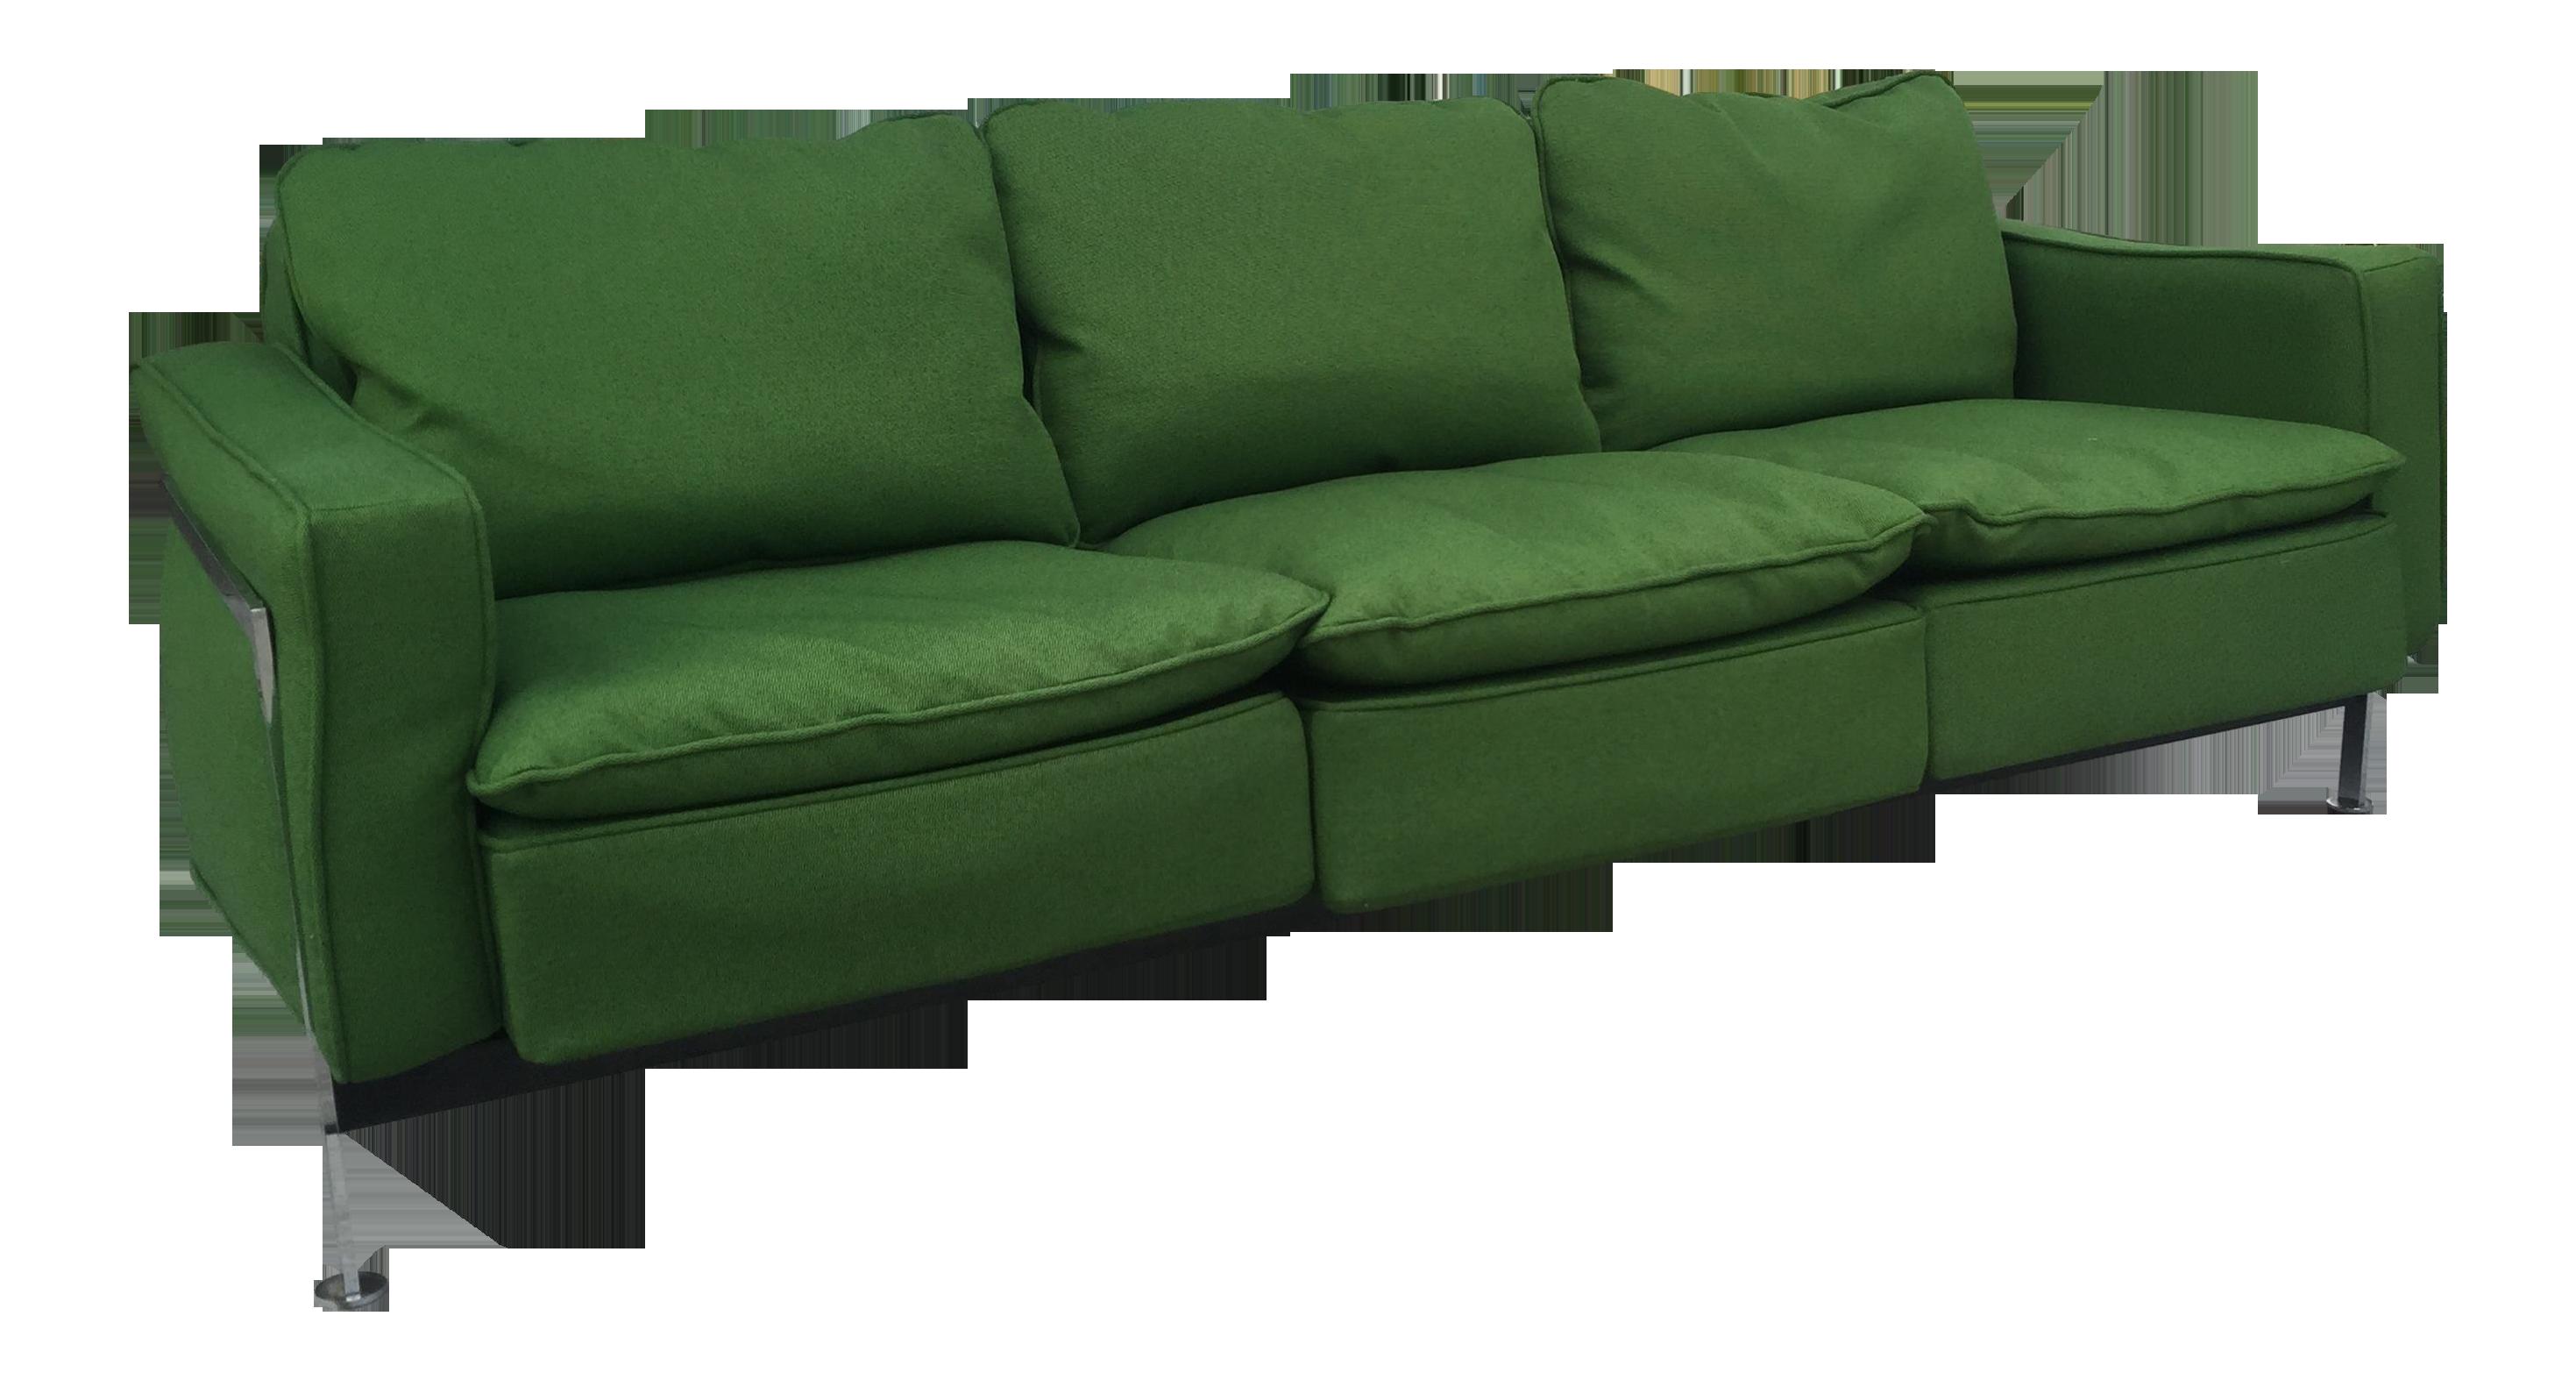 Robert Haussmann For Stendig Sofa